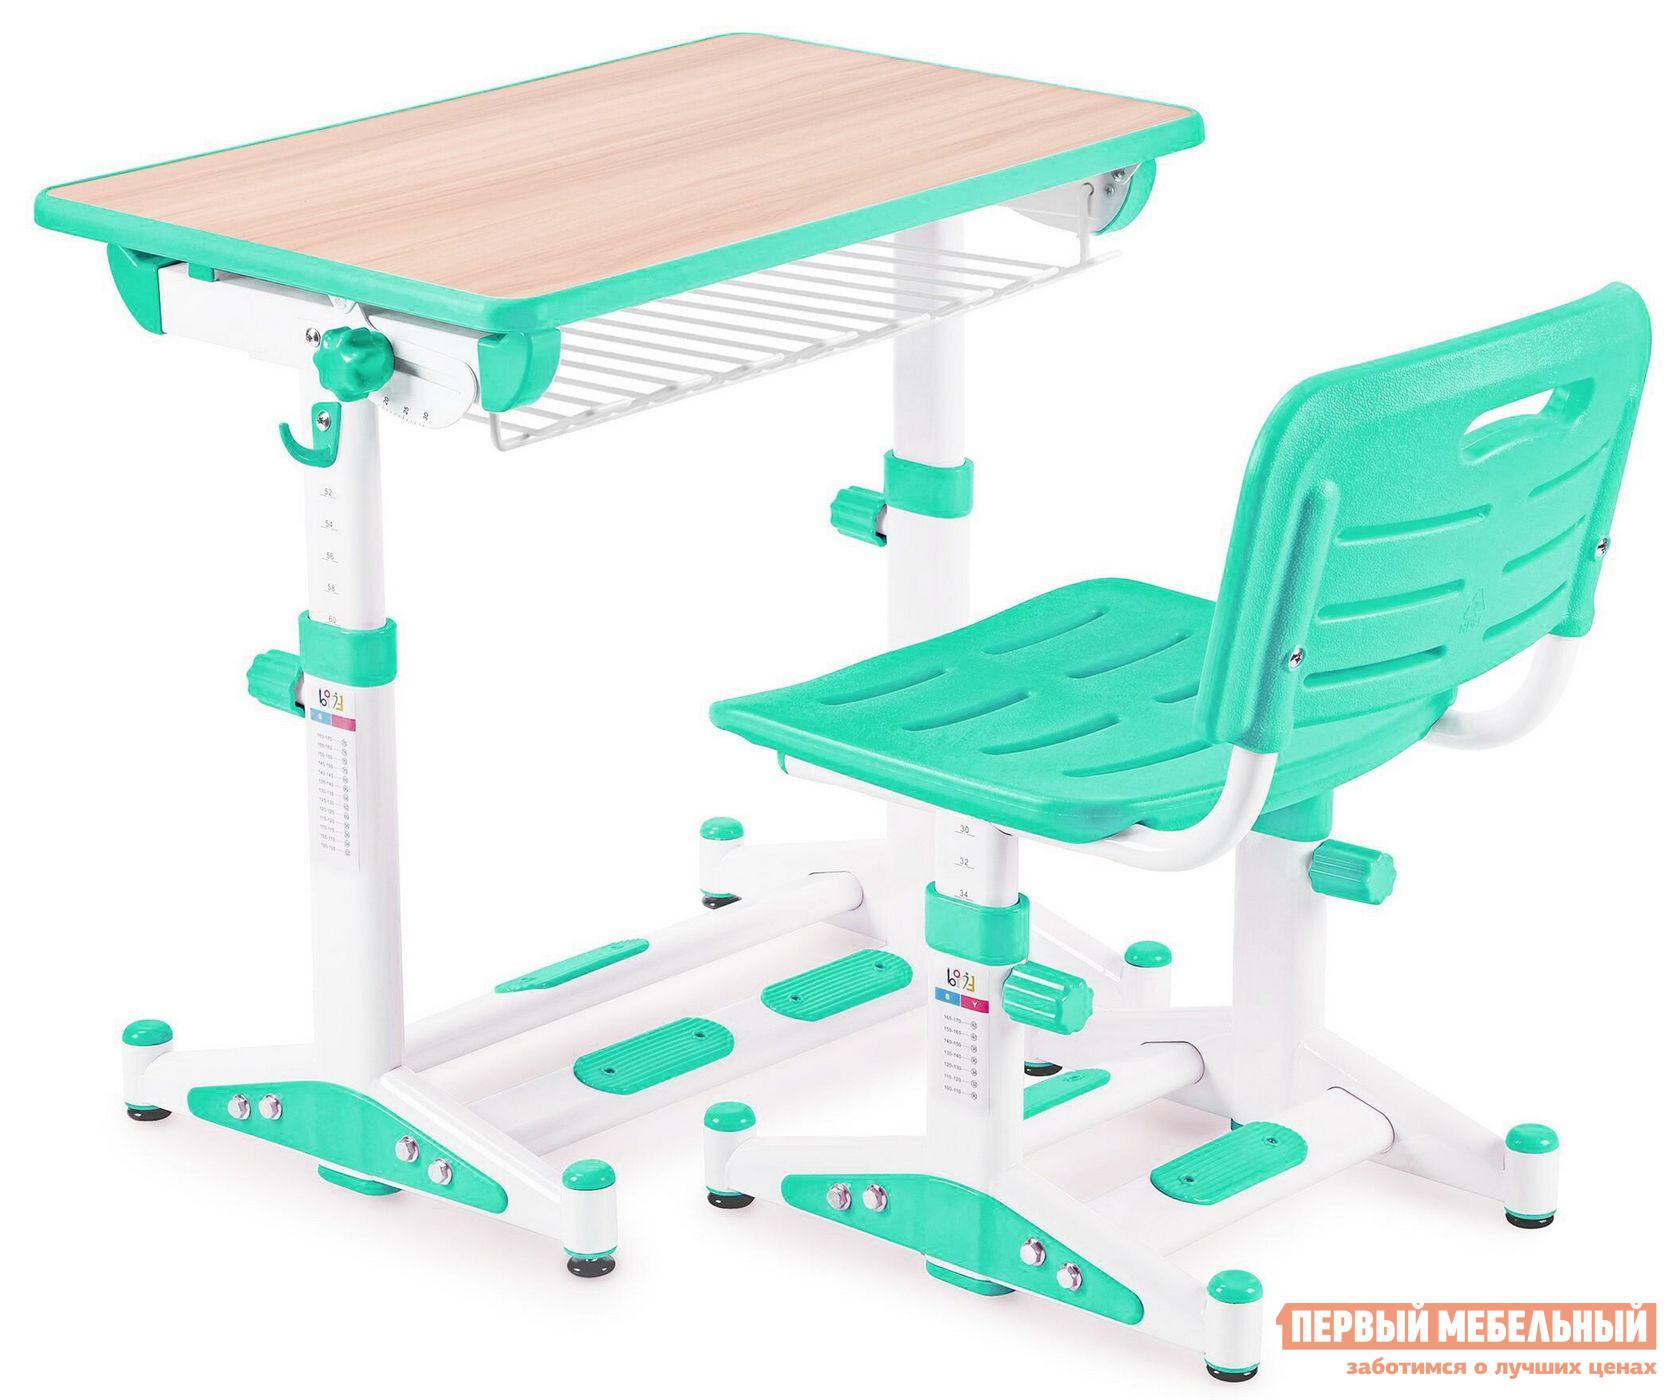 Парта Libao LK-09 ЗеленыйПарты<br>Габаритные размеры ВхШхГ 520 / 760x700x510 мм. Современный и эргономичный комплект для школьных занятий позволит на долгое время обеспечить ребенка правильной мебелью.  Яркое оформление изделий понравится детям и даже самые сложные уроки будут в радость.  Ортопедические спинка и сиденье стула разработаны так, чтобы сохранить правильную и красивую осанку ребенка с ранних лет. Размер стола: 520 / 760 х 700 х 510 мм. Размер стула: 300 / 440 х 380 х 340 мм. Стульчик и парта регулируются по высоте.  Под столешницей расположена полочка для книг и тетрадей.  Угол наклона столешницы регулируется в диапазоне от 10 до 45 градусов, помогая настроить ее для различных целей: чтения, письма или рисования.   Стул оснащен решетчатыми сиденьем и спинкой для оптимальной вентиляции. Столешница выполнена из МДФ.  Стул и парт изготовлены из стальной трубы и экологически чистого полипропилена.<br><br>Цвет: Зеленый<br>Высота мм: 520 / 760<br>Ширина мм: 700<br>Глубина мм: 510<br>Форма поставки: В разобранном виде<br>Срок гарантии: 1 год<br>Тип: Трансформер<br>Тип: Одноместные<br>Тип: Регулируемые<br>Тип: Растущие<br>Тип: Ортопедические<br>Назначение: Для дома<br>Назначение: Для школьников<br>Материал: Металл<br>Материал: Пластик<br>Материал: МДФ<br>Со стулом: Да<br>Рост ребенка: Рост 115-130 см<br>Рост ребенка: Рост 130-145 см<br>Рост ребенка: Рост 145-160 см<br>Рост ребенка: Рост 160-175 см<br>Рост ребенка: Рост 175-185 см